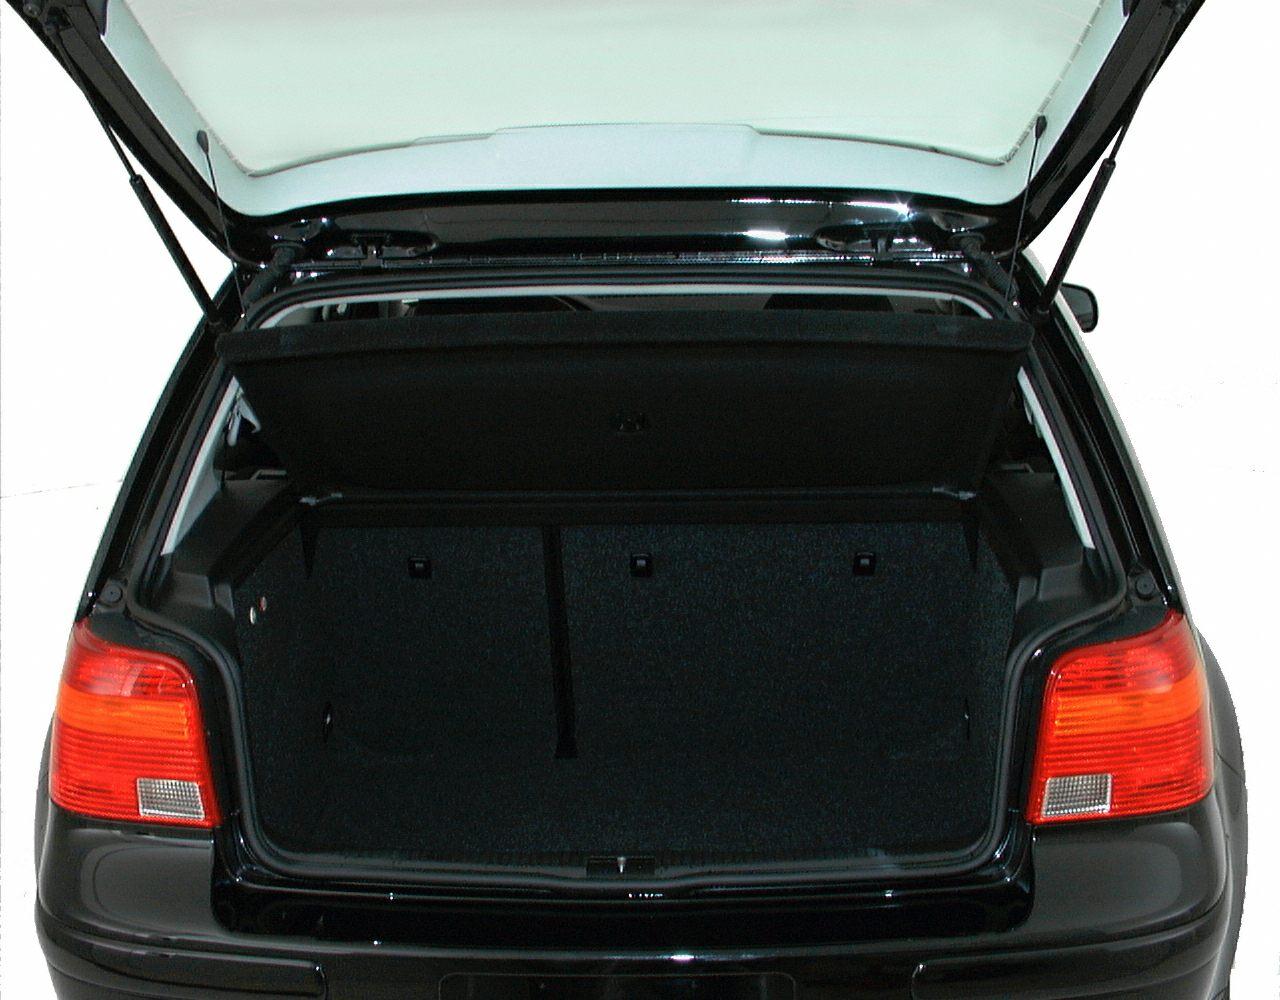 2000 Volkswagen Golf Exterior Photo